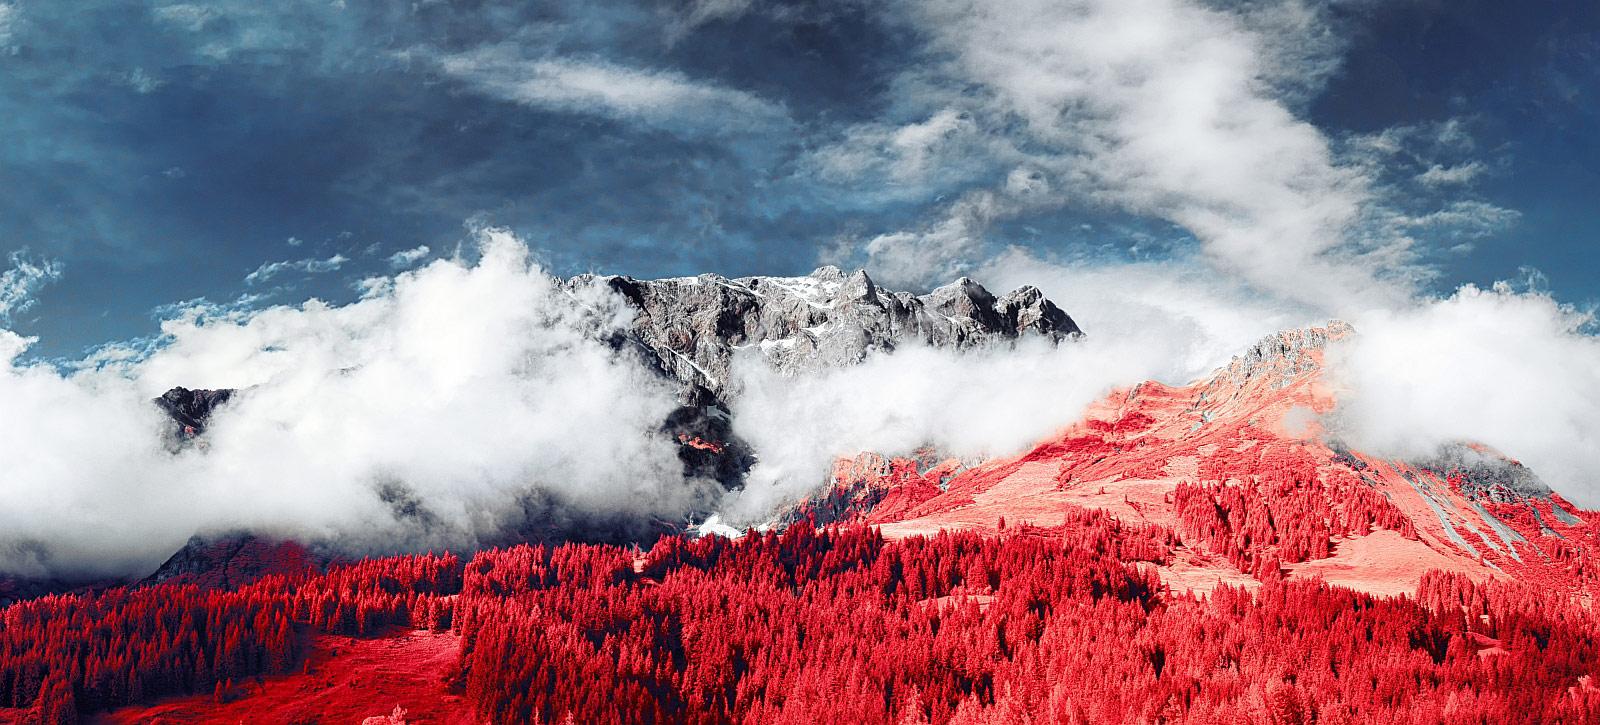 © Дэвид Хохлейтнер, Фотоконкурс «Жизнь в инфракрасном свете»